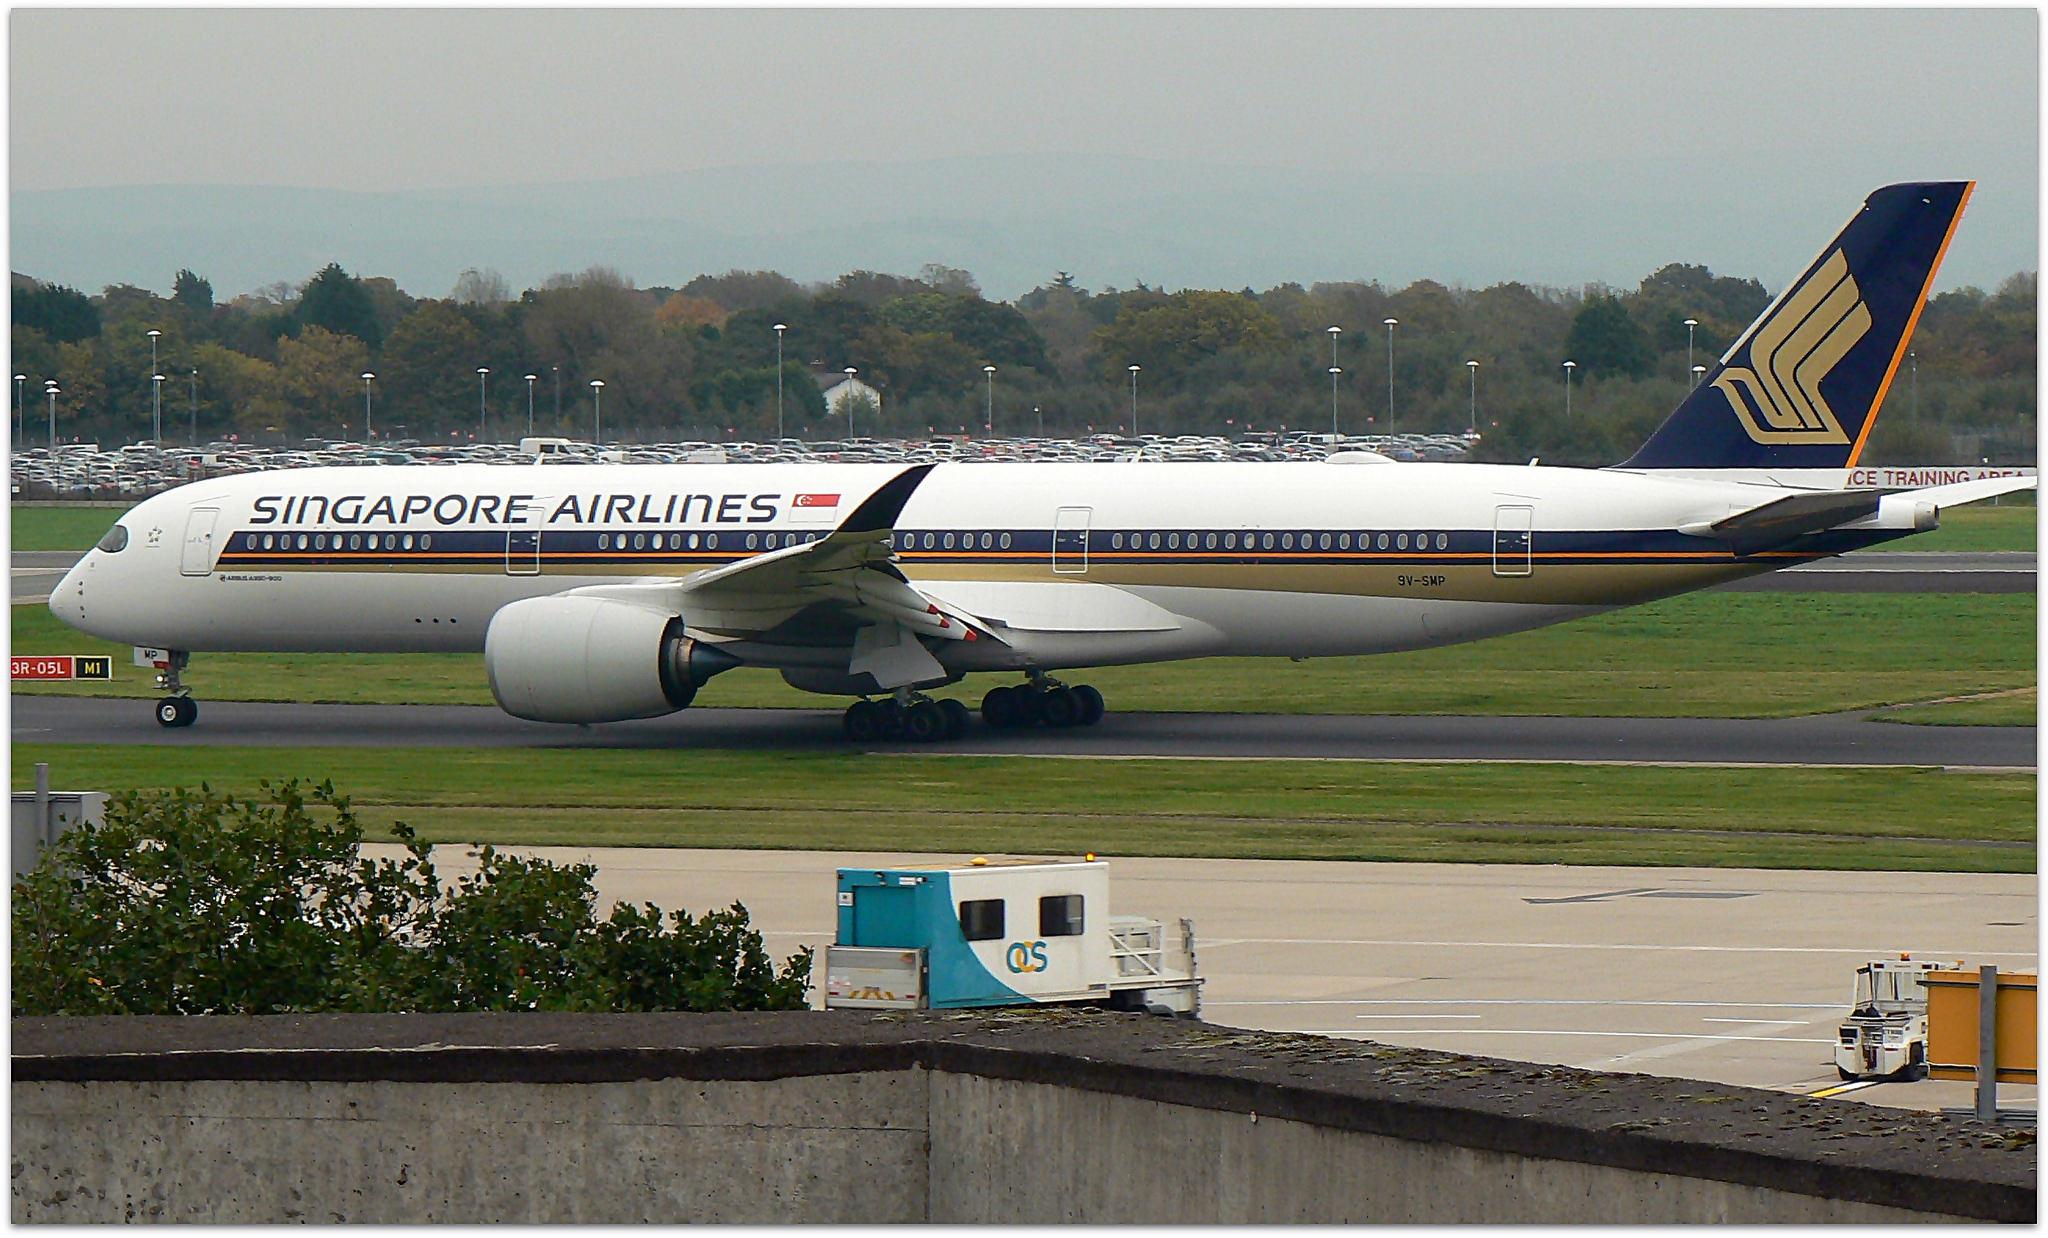 Singapore Airlines a déclaré qu'elle allait lancer le vol le plus long du monde - une escapade de 19 heures entre Singapour et New York - dans le courant de l'année